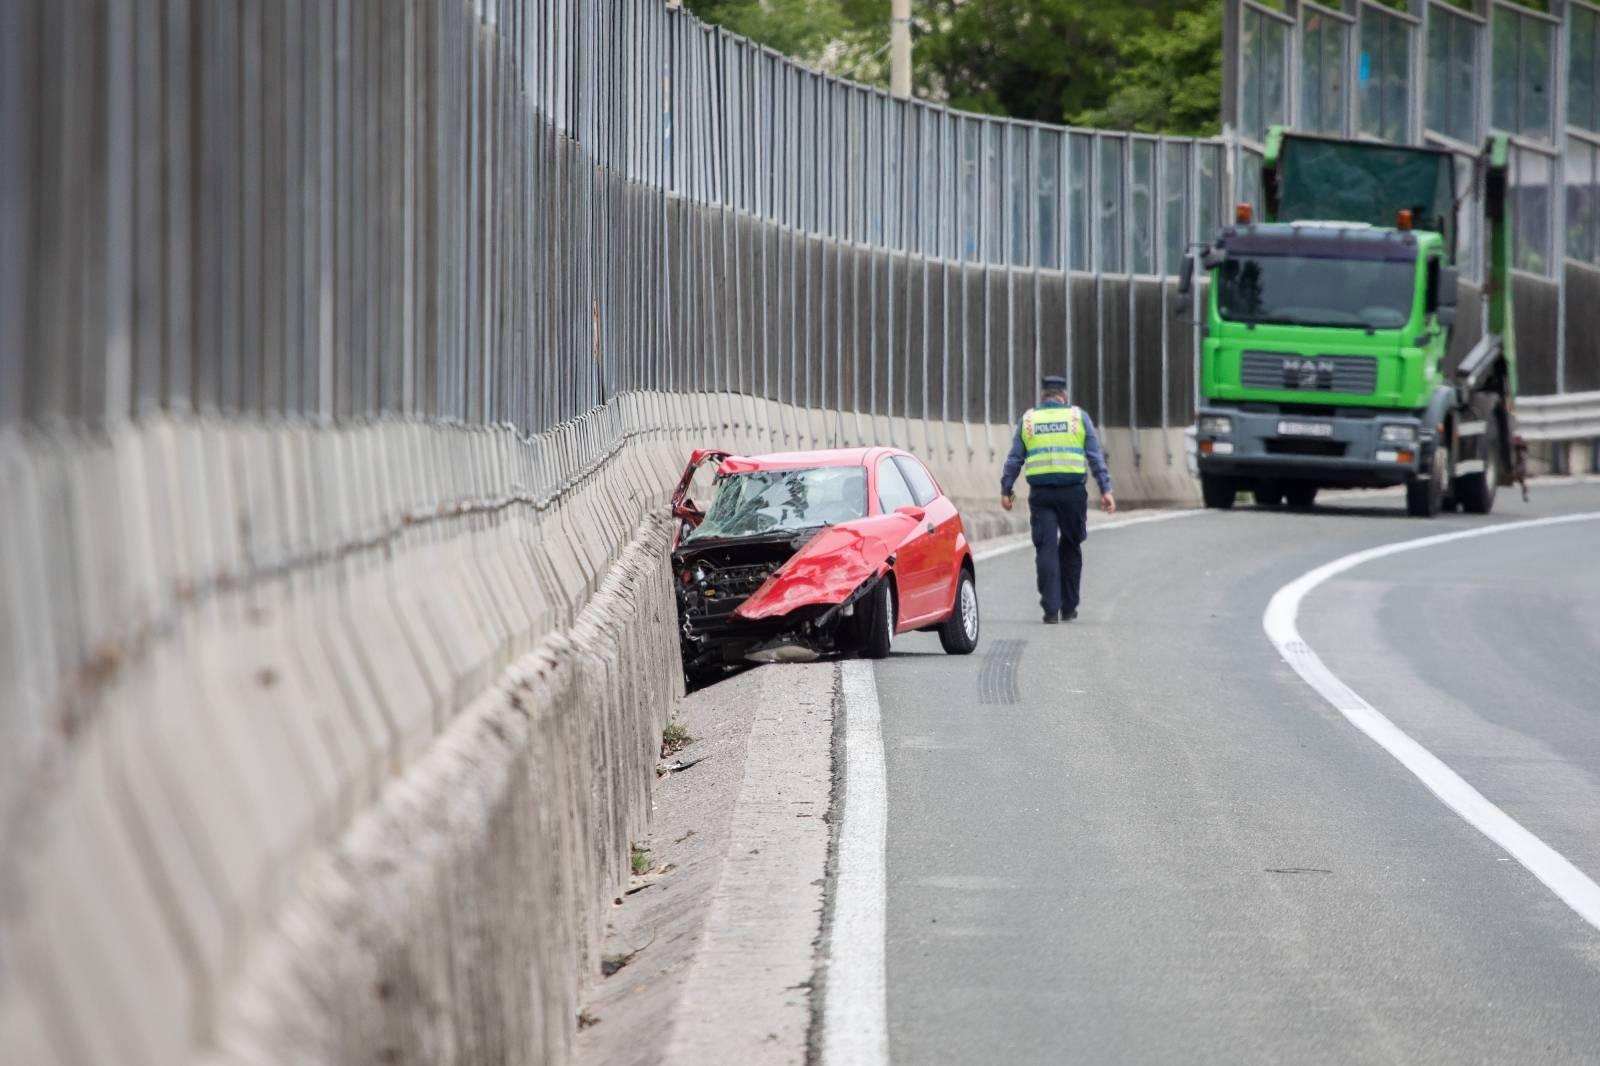 Jedna osoba smrtno stradala u prometnoj nesreći na autoceti Rijeka - Zagreb